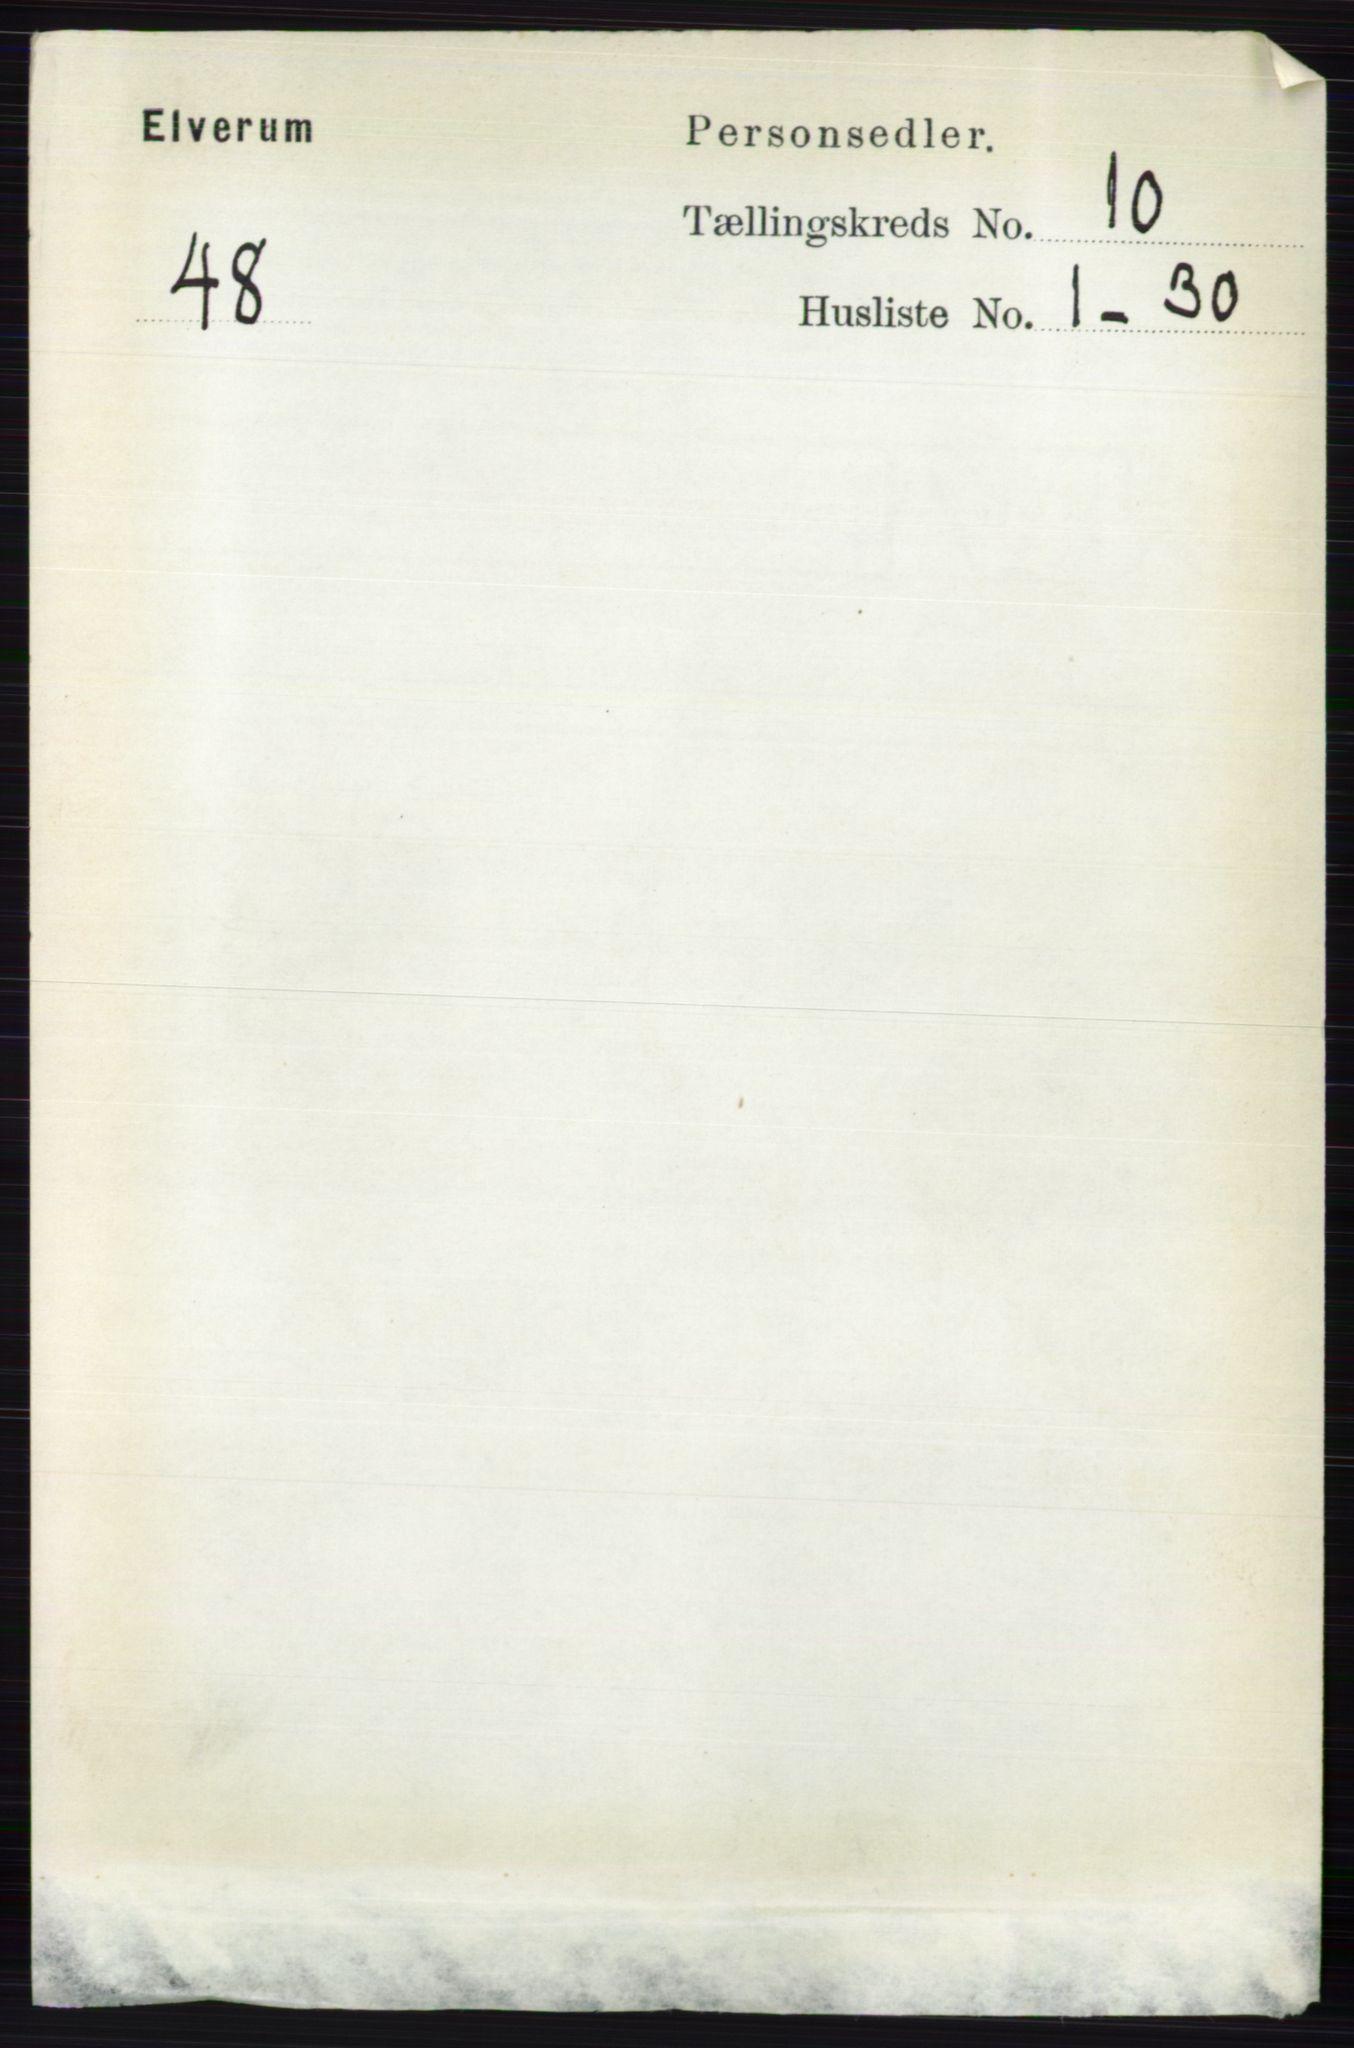 RA, Folketelling 1891 for 0427 Elverum herred, 1891, s. 8201